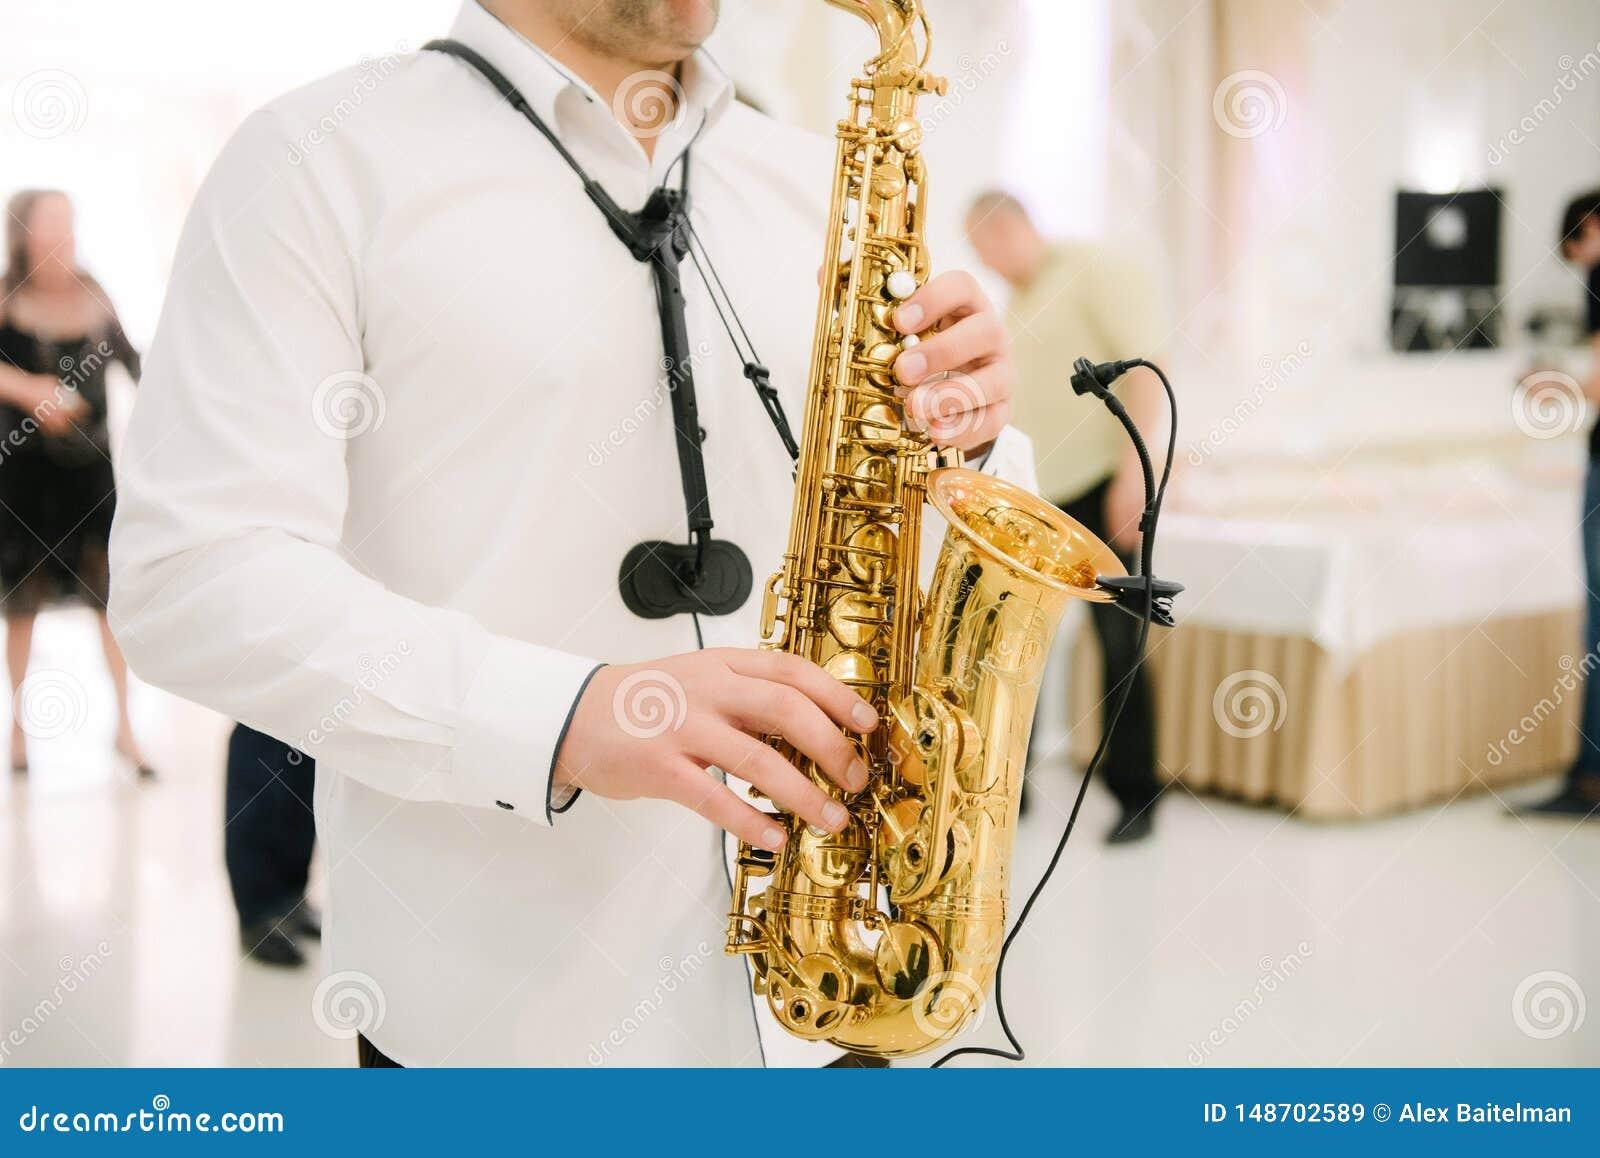 Музыкант играет конец-вверх саксофона внутри помещения Саксофонист играет саксофон на конце-вверх события